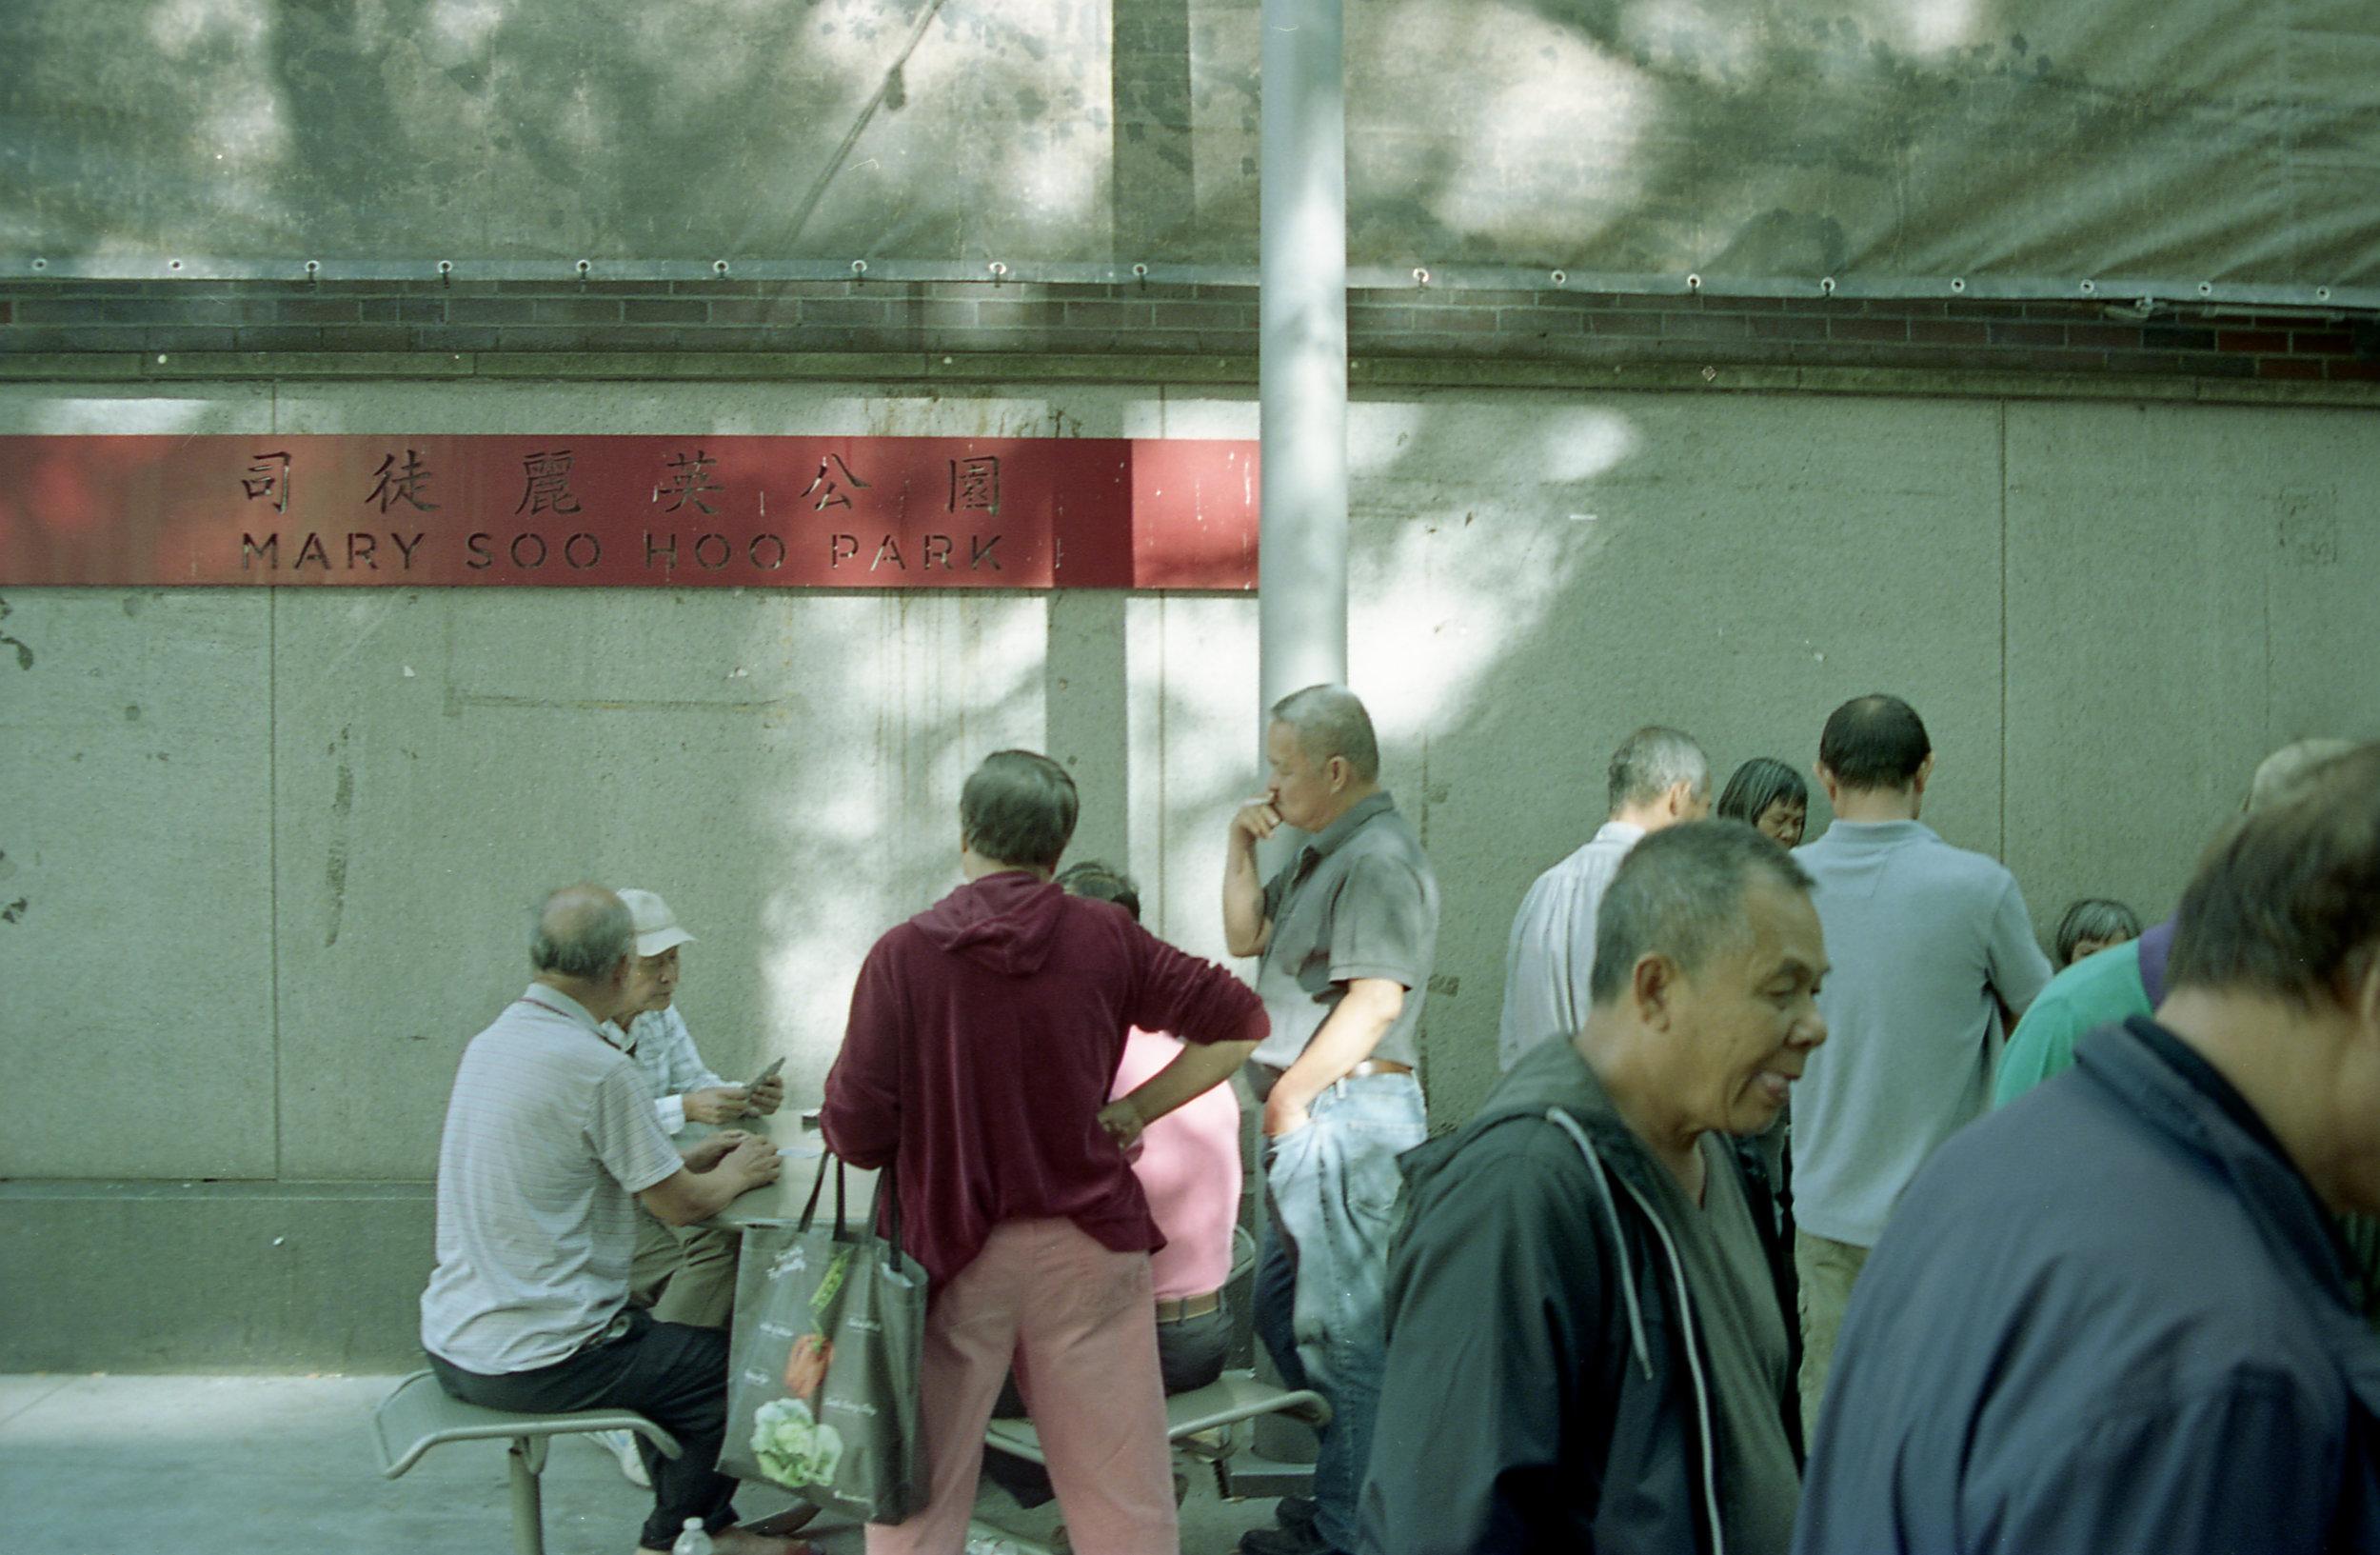 20180819_Chinatown_002.jpg